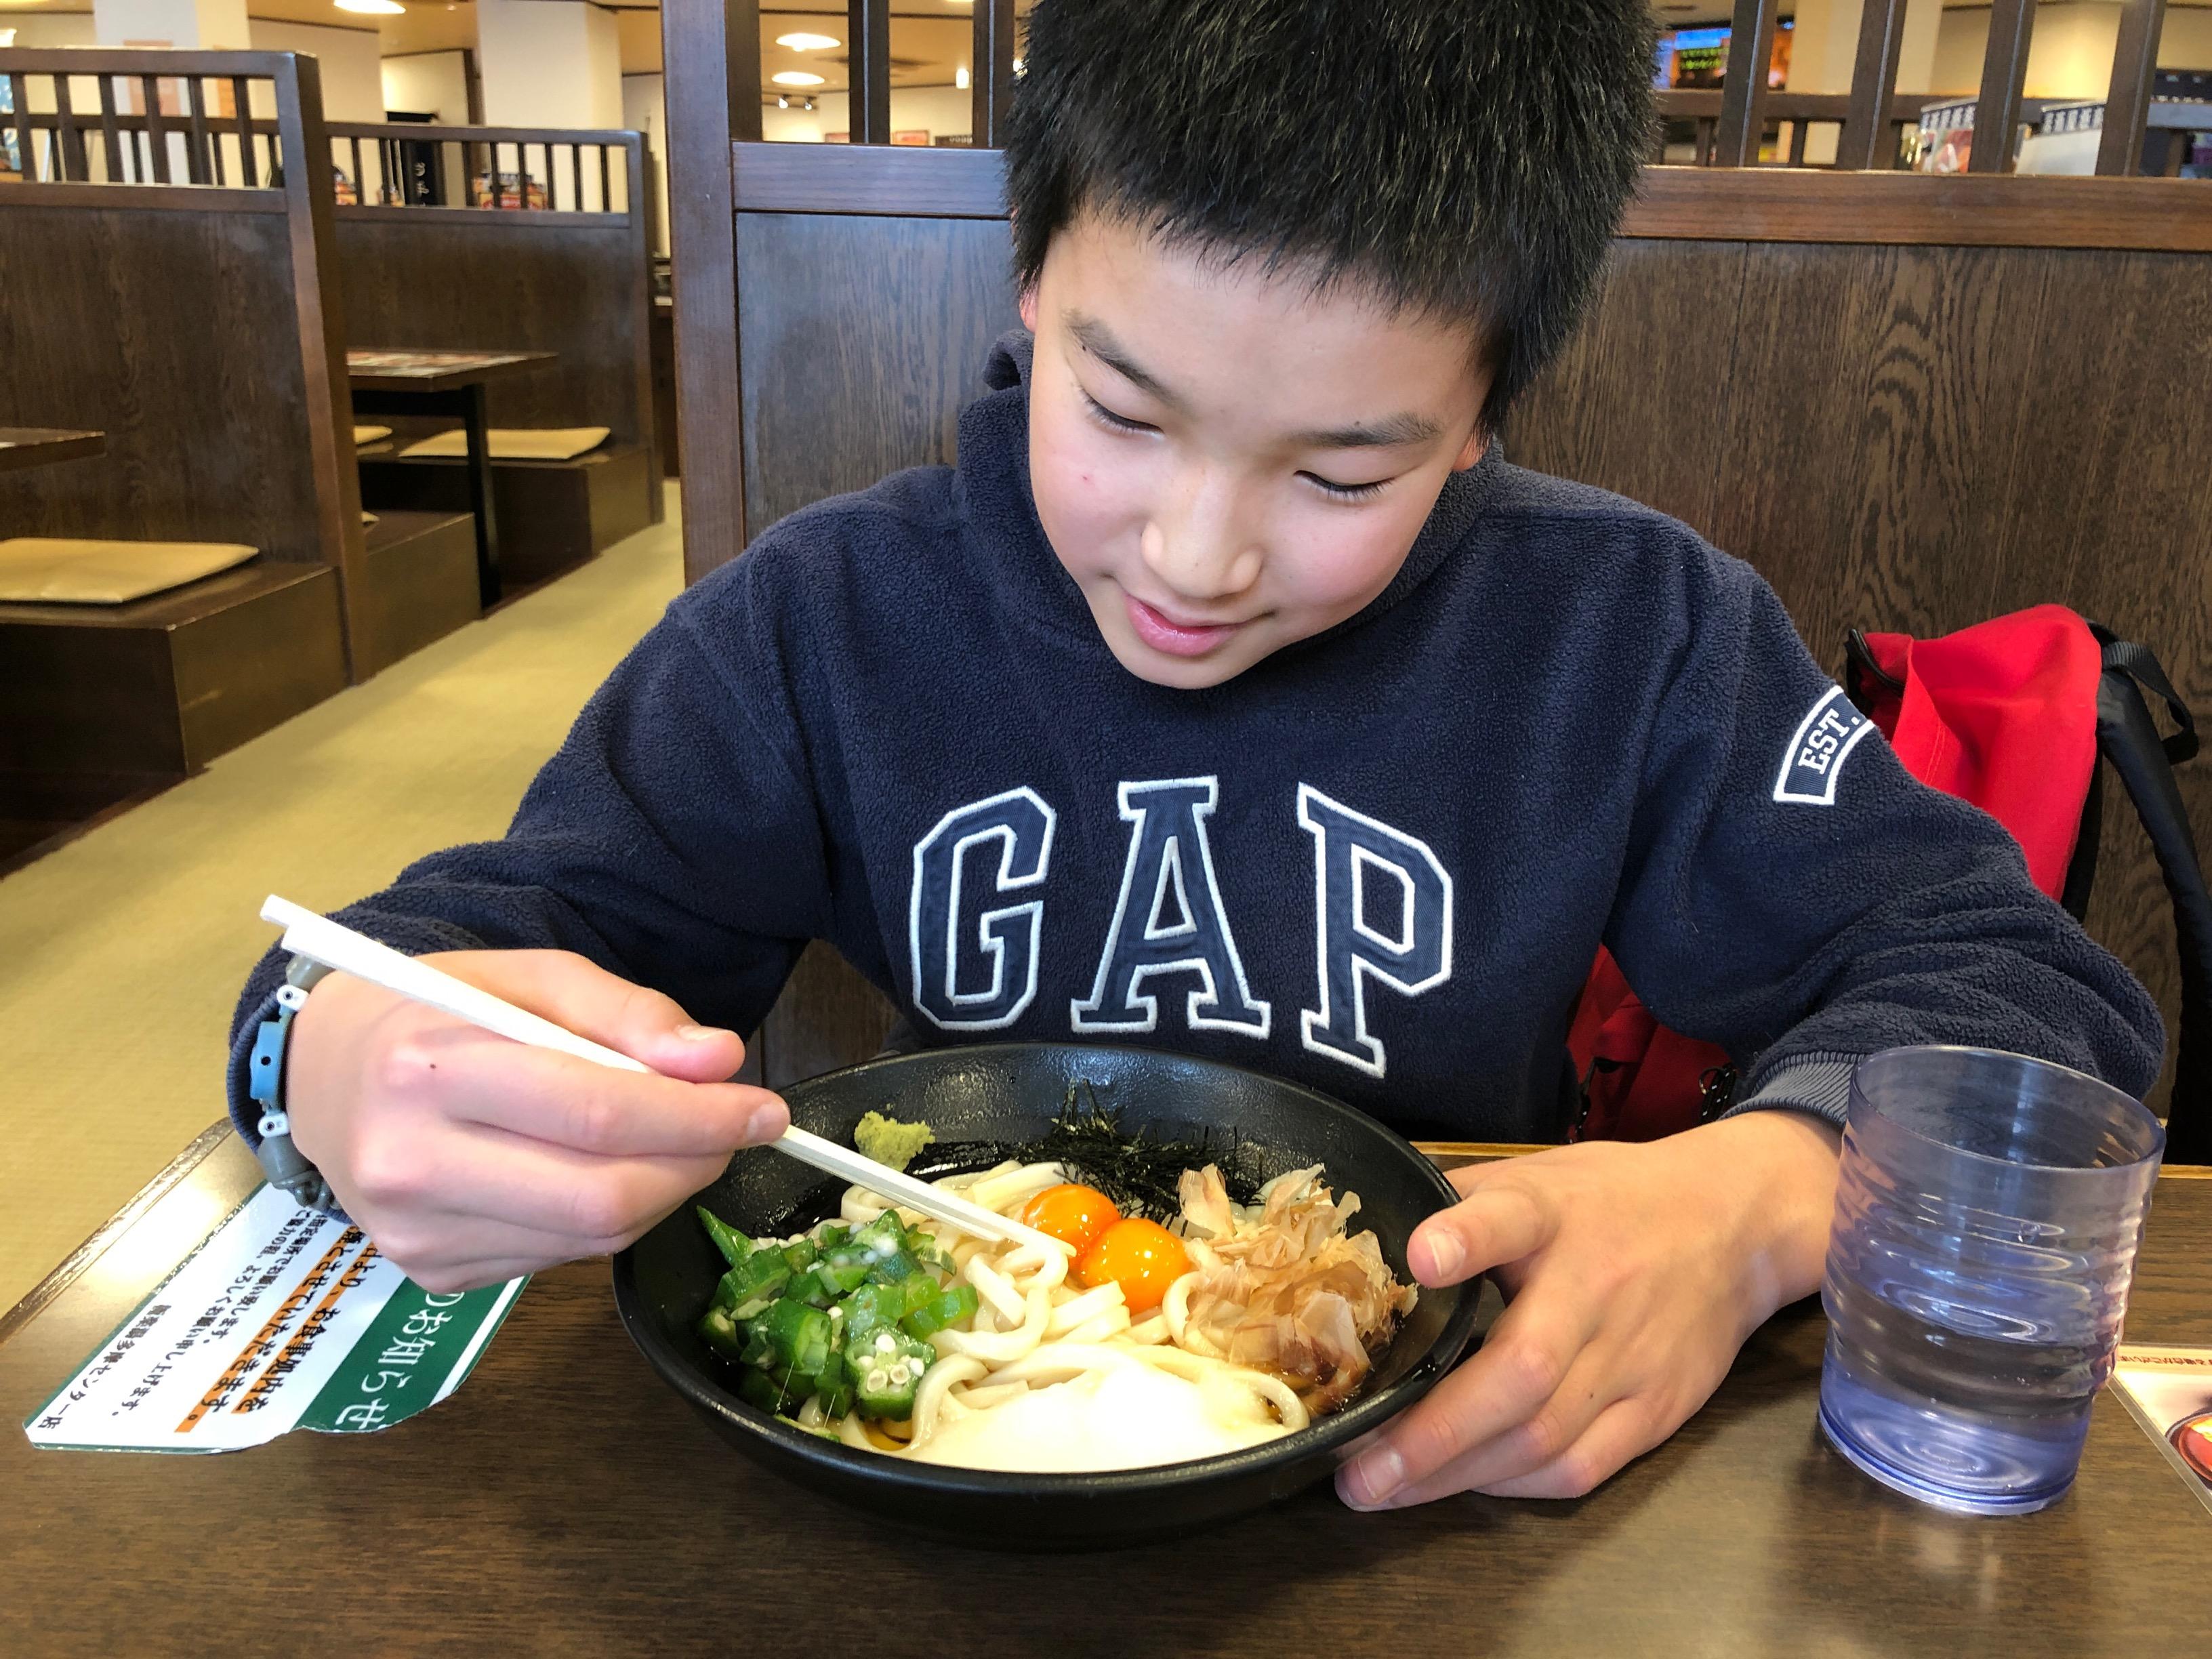 銭湯で食事をする子ども